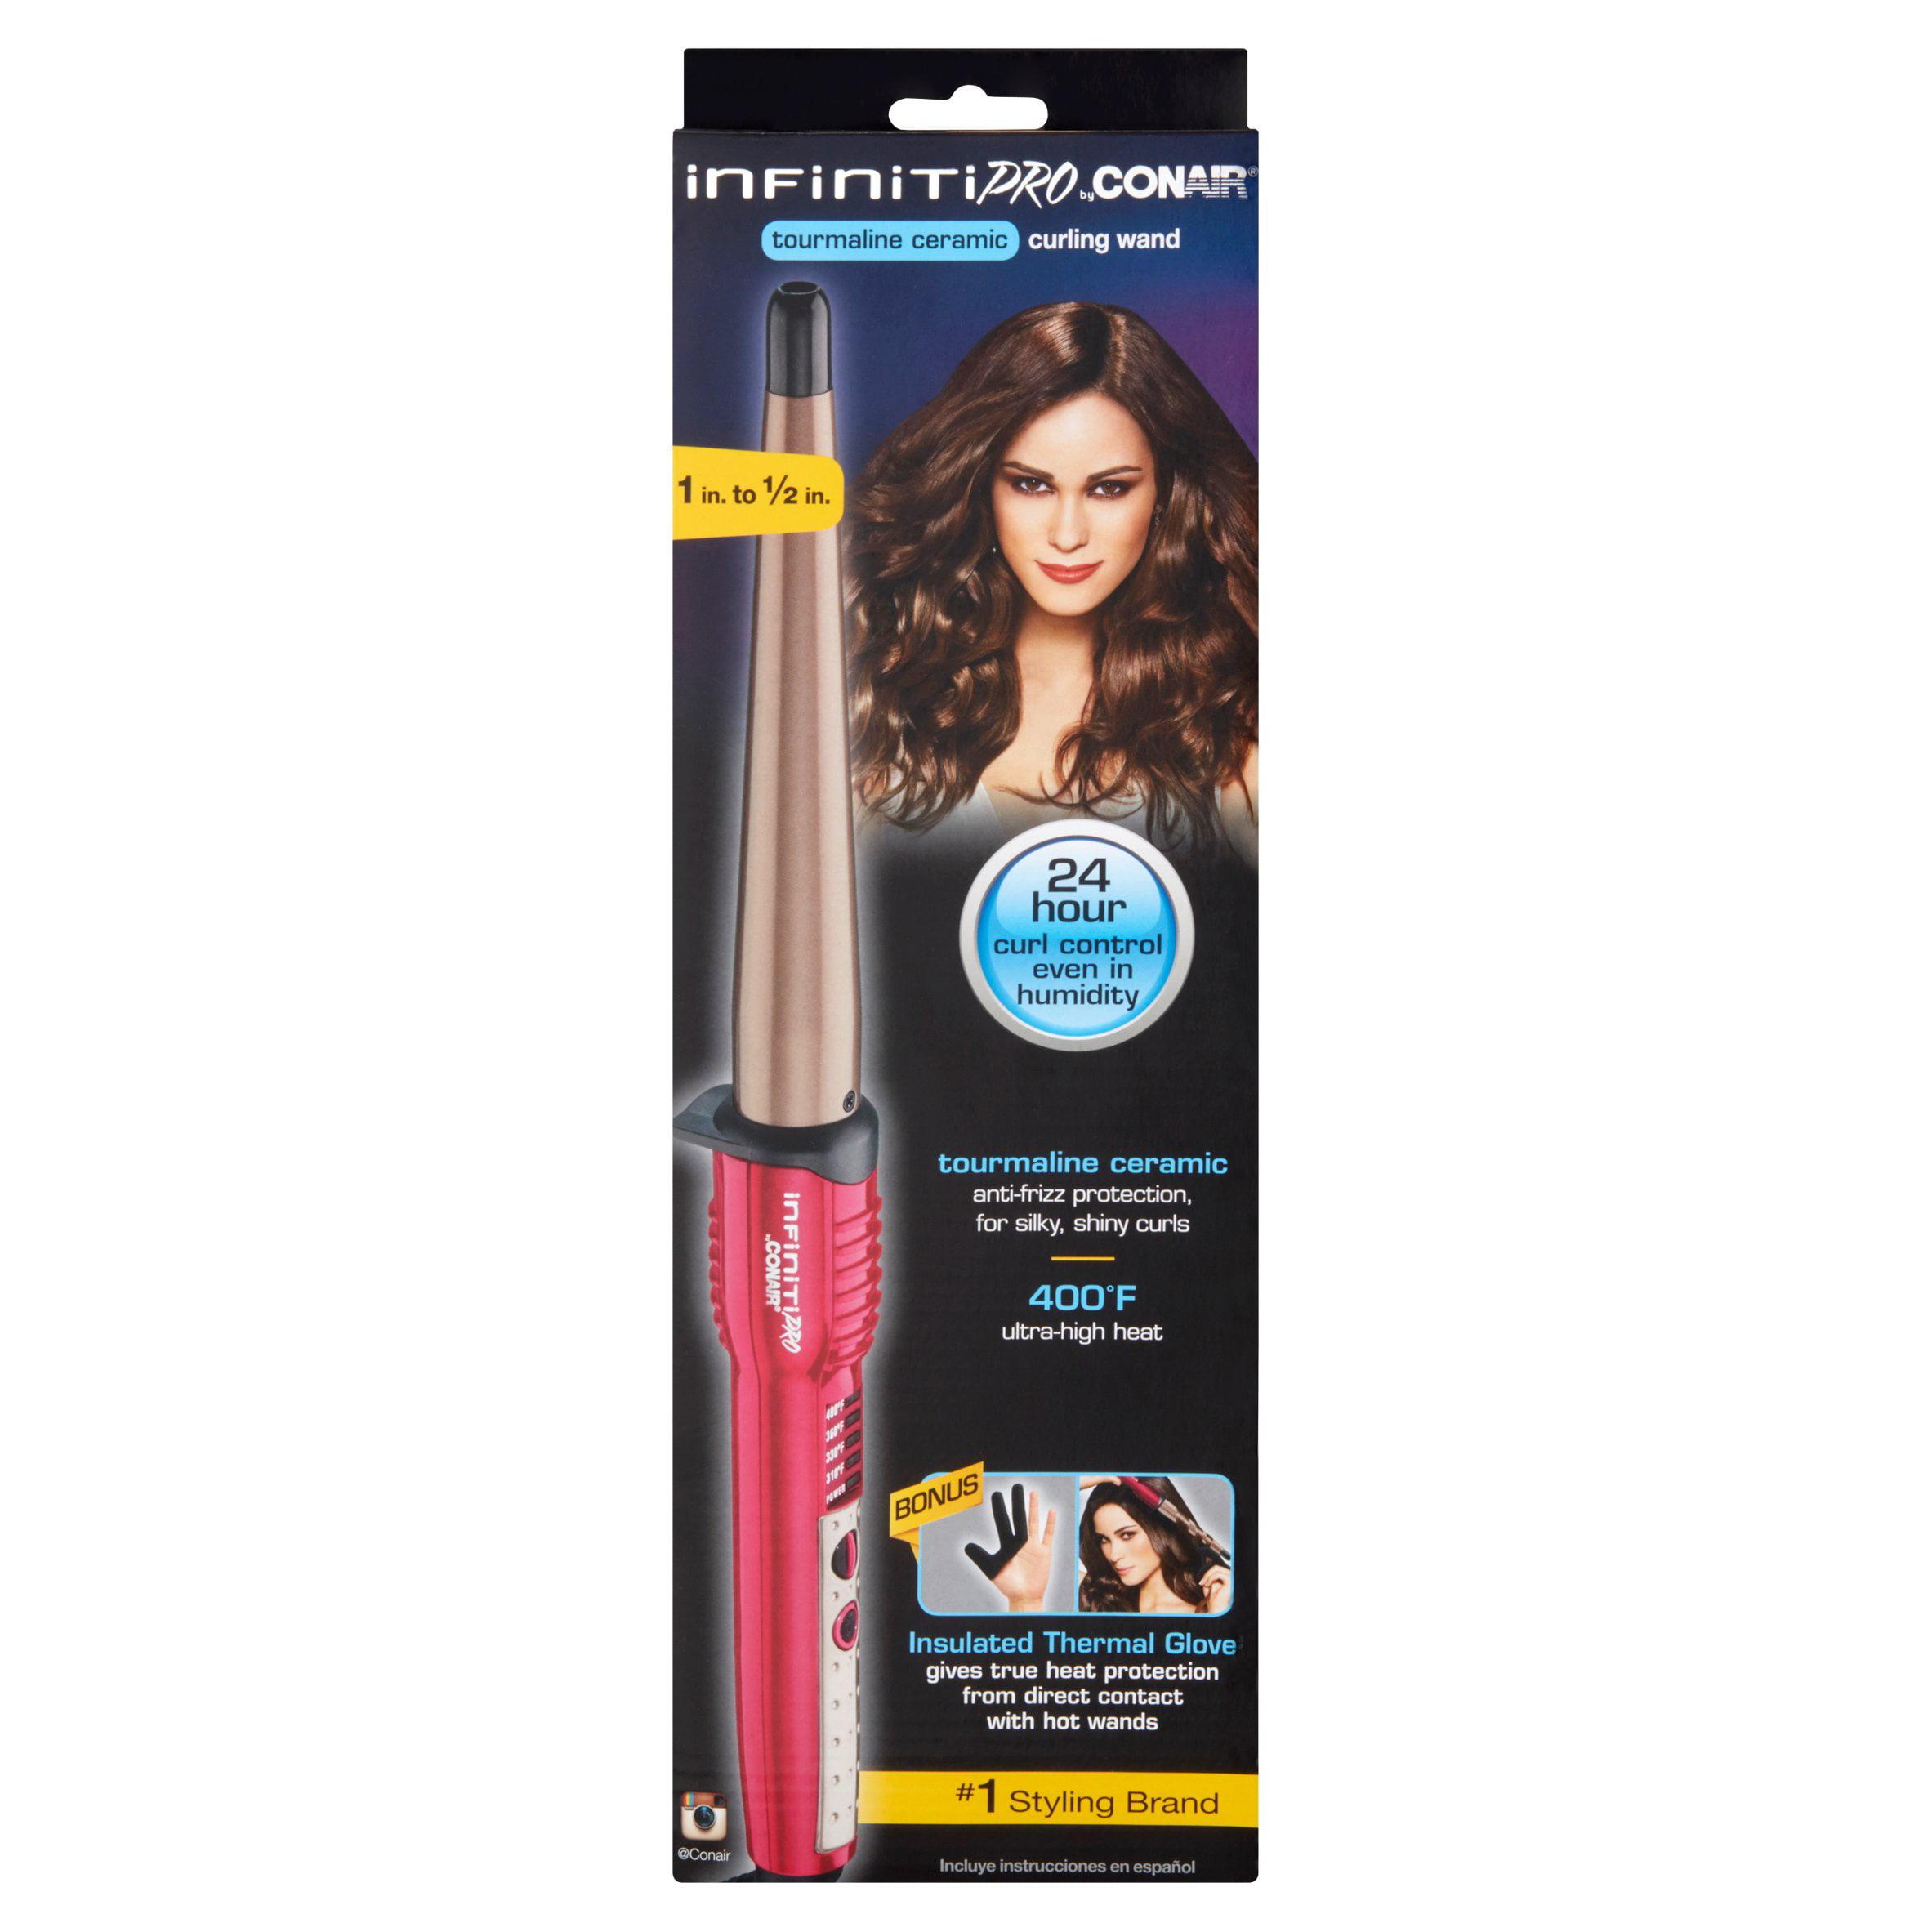 Revlon Salon High Heat Hair Curling Iron Ball Wand - Walmart.com